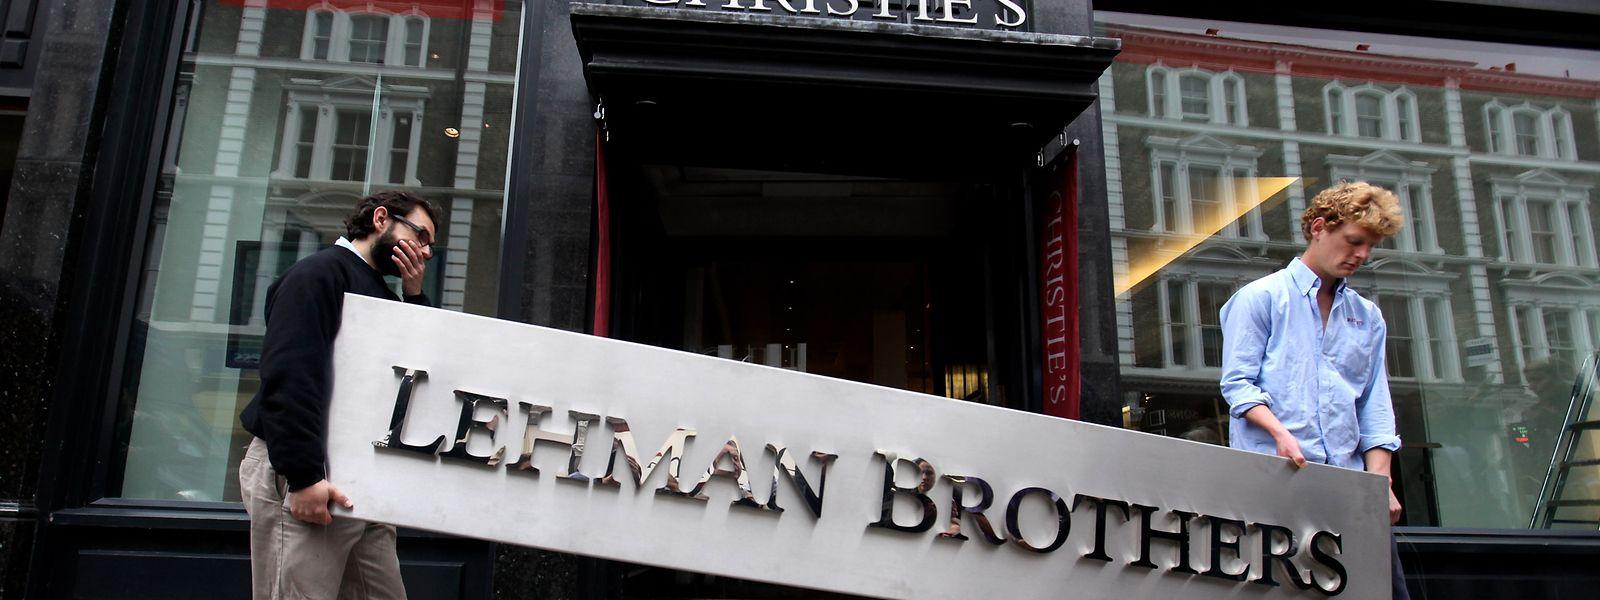 Die Pleite der Bank Lehman Brothers war einer der entscheidenden Momente der Finanzkrise 2008.